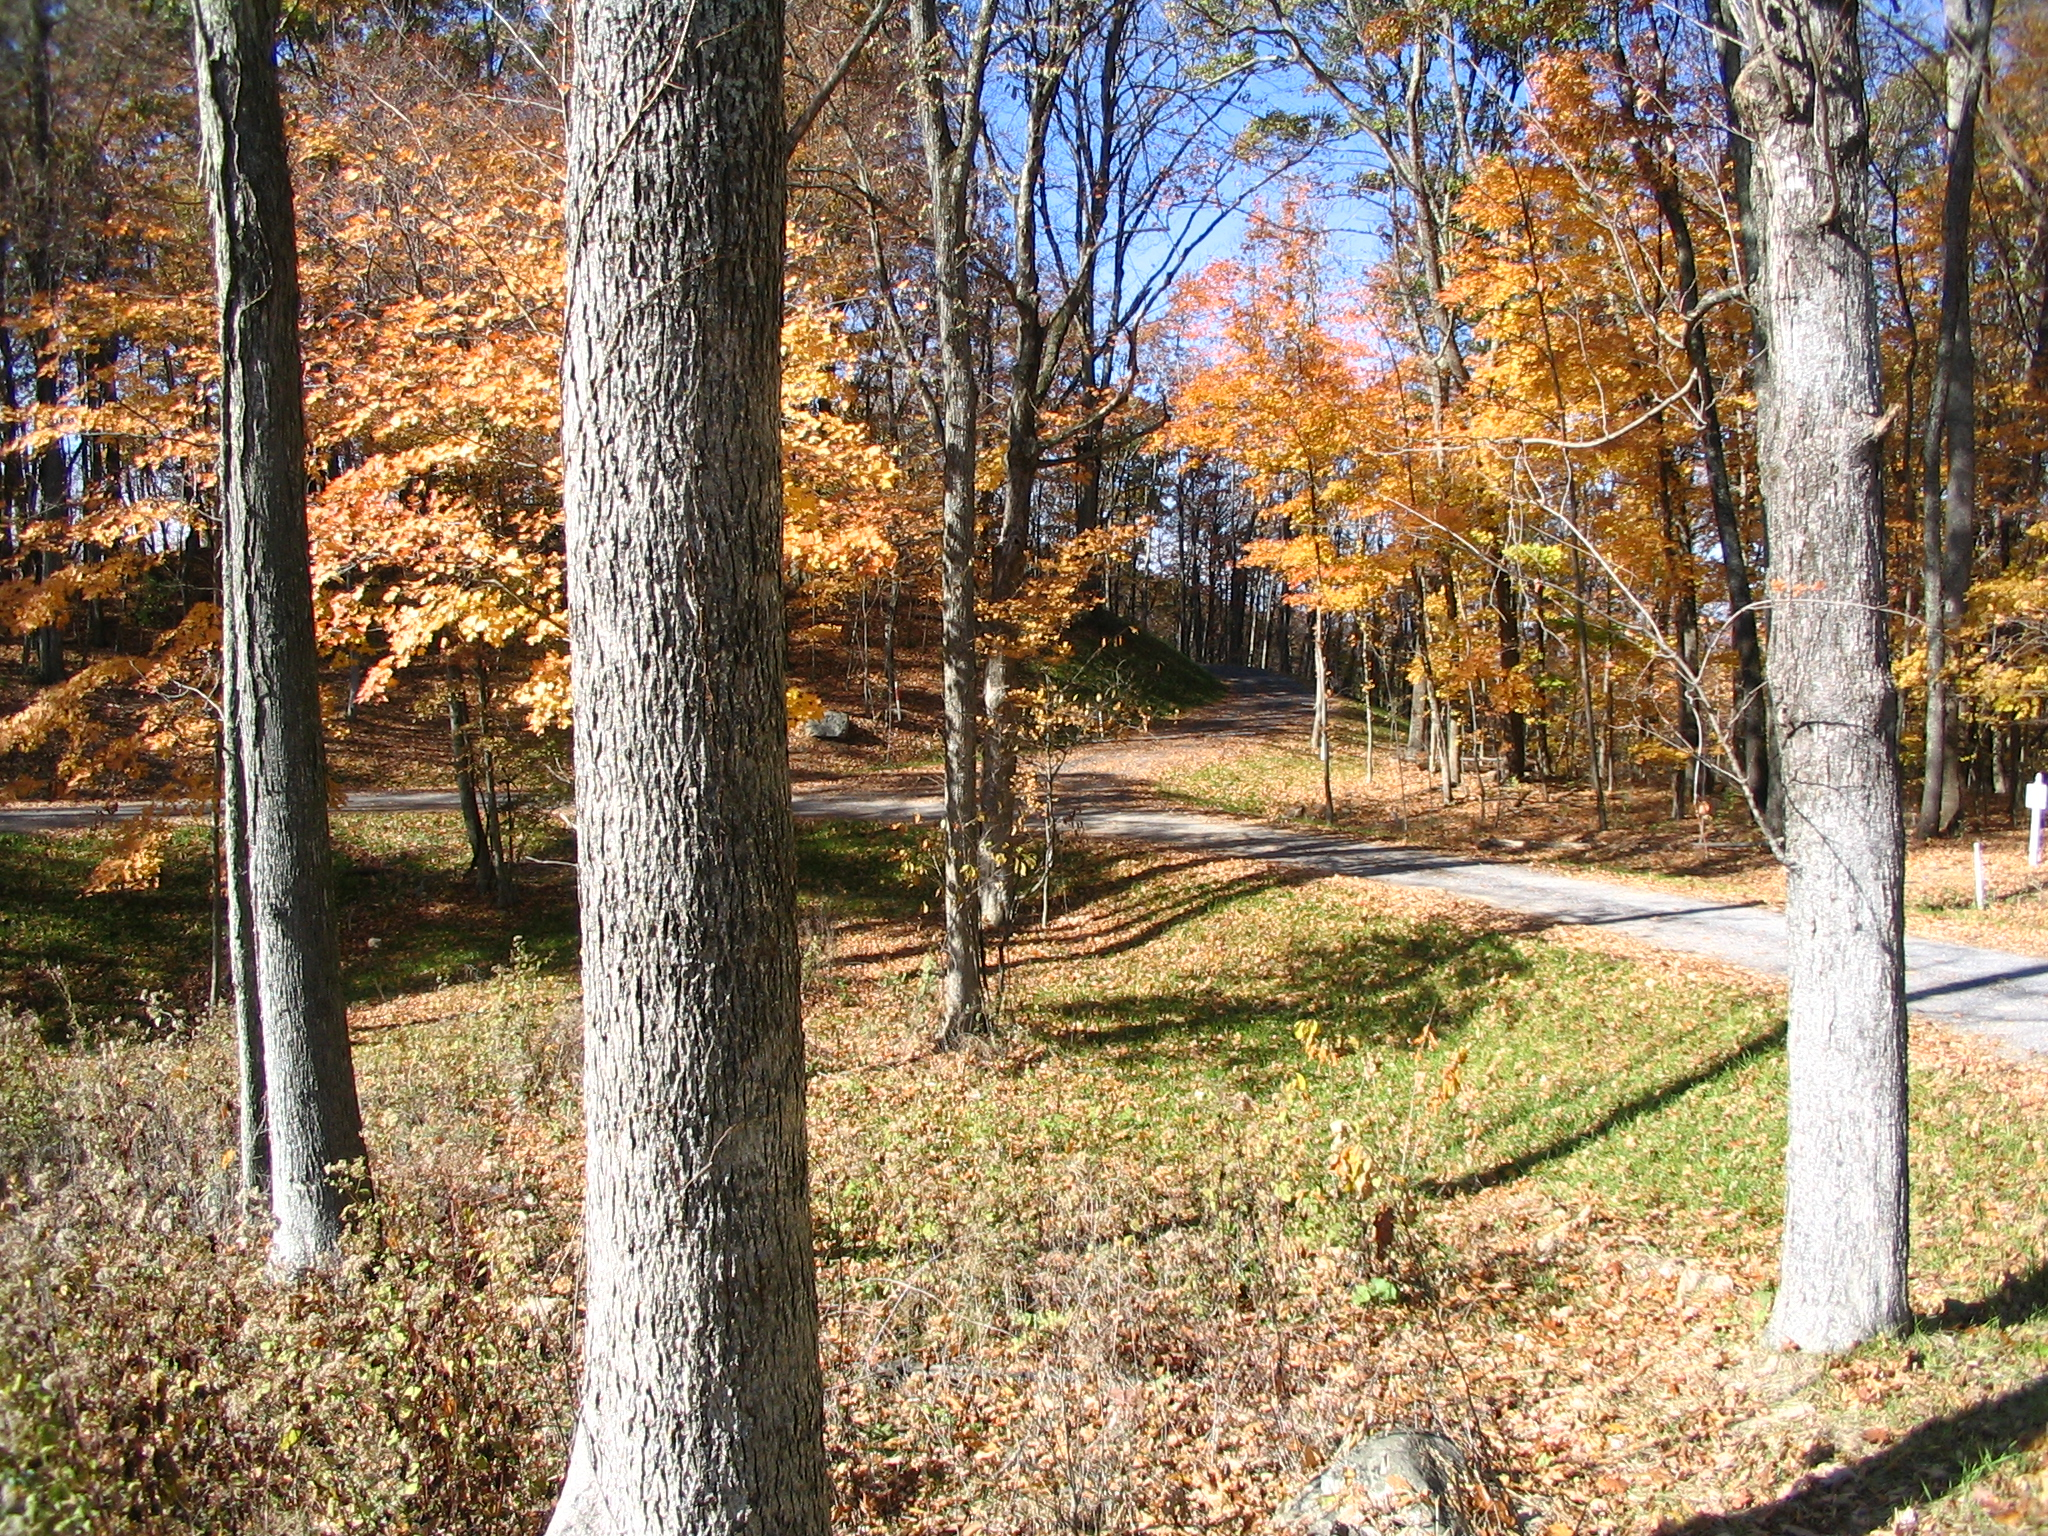 Lot 36 driveway approach off Falconry Ridge